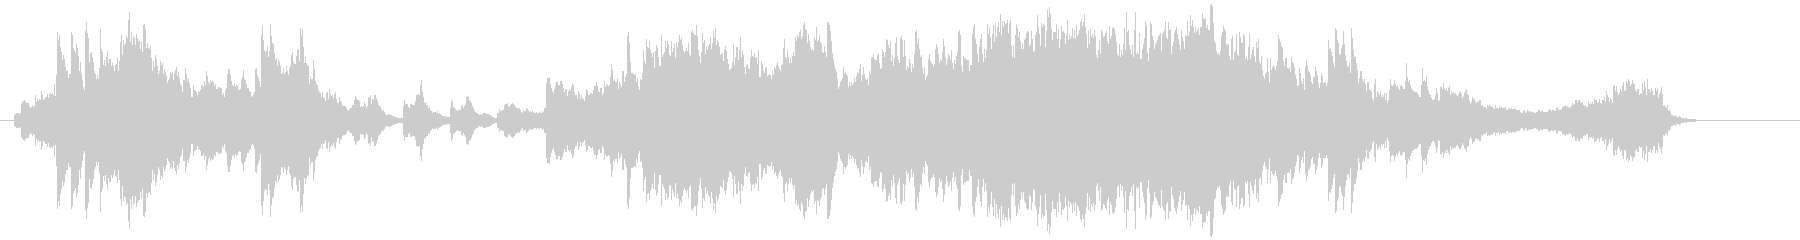 ハープが美しい壮大なバラードEDの未再生の波形